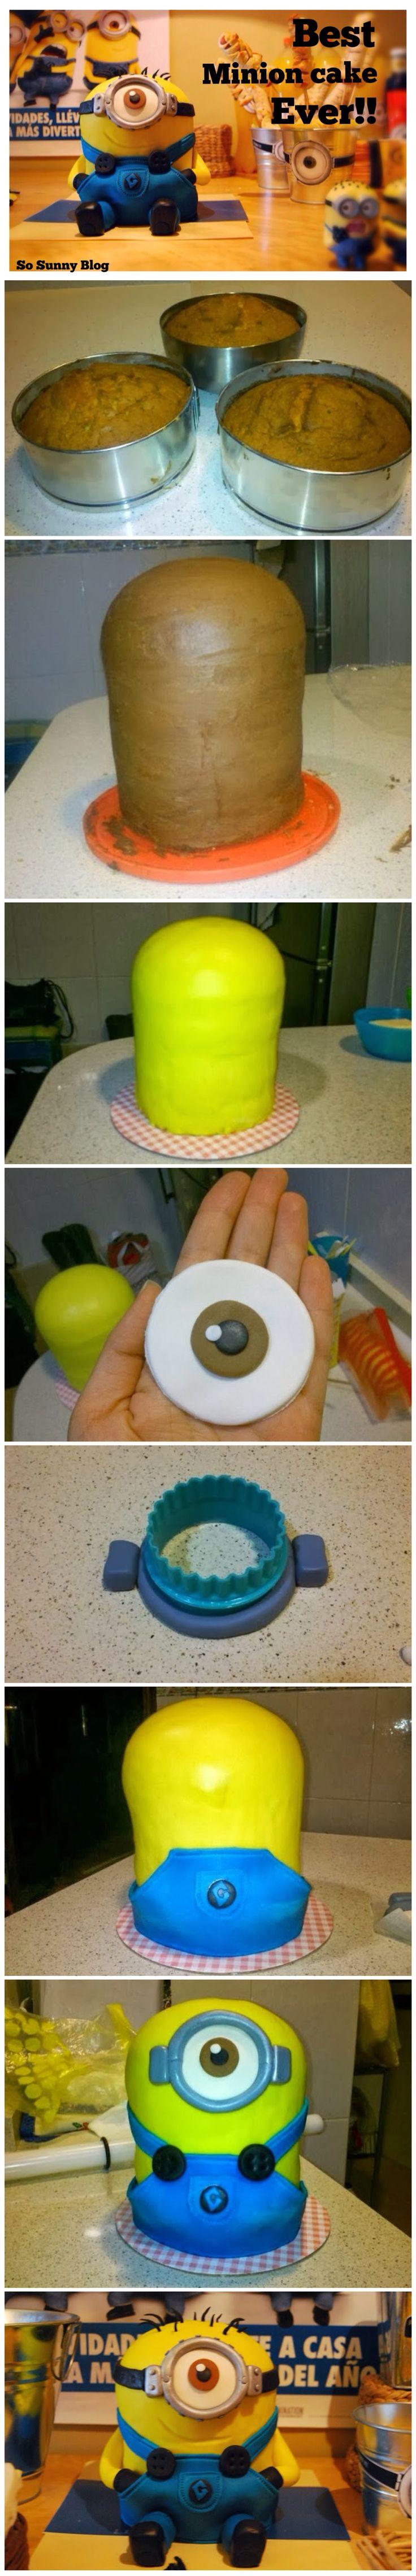 WAOUH !! ! Anniversaire enfant thème mignon - Déco de gâteau avec tutoriel